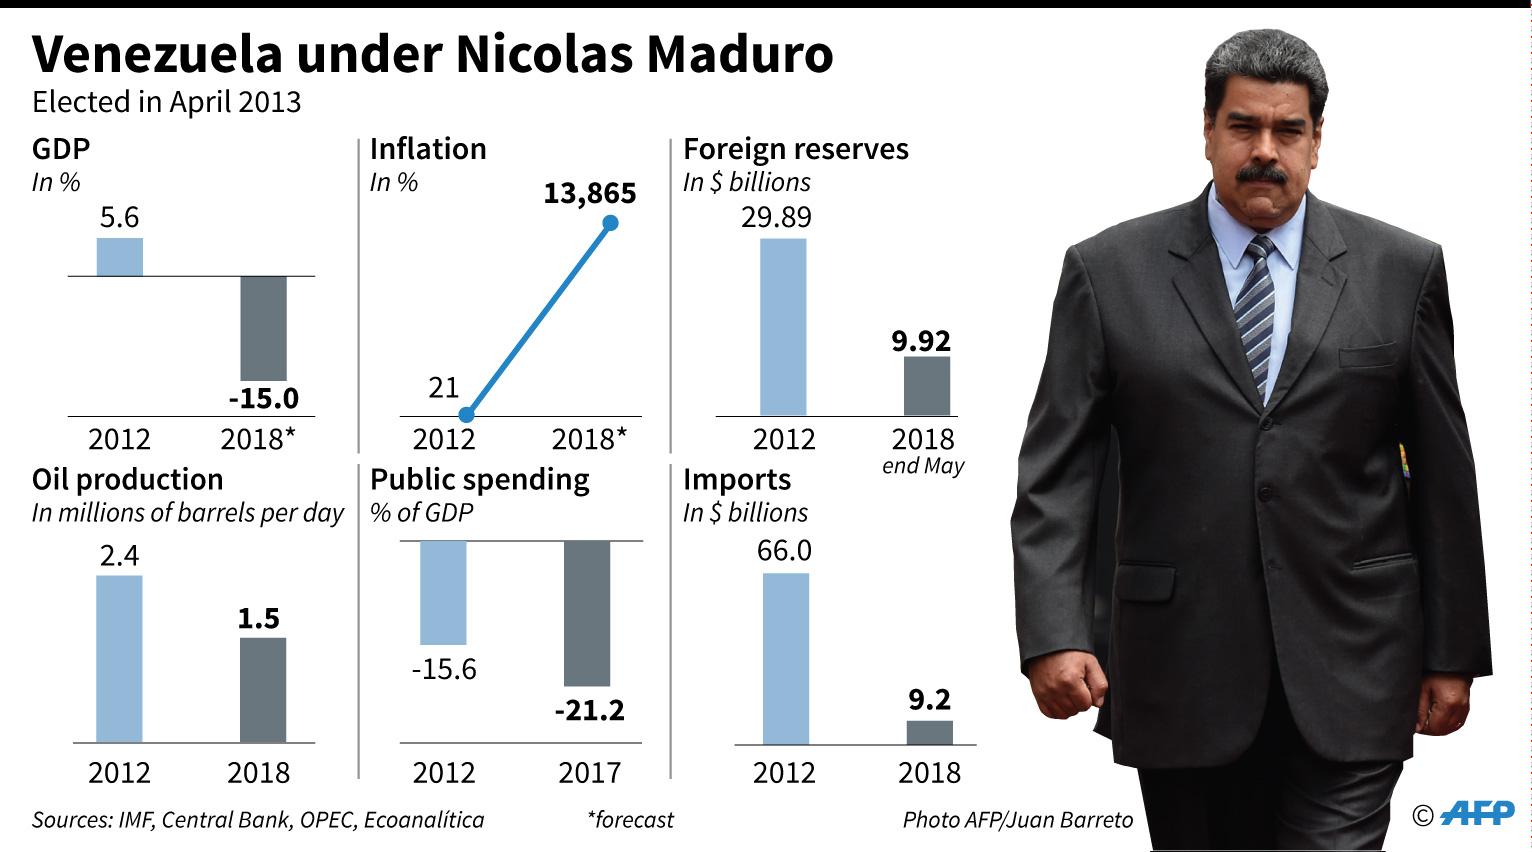 Venezuela's economy under President Nicolas Maduro